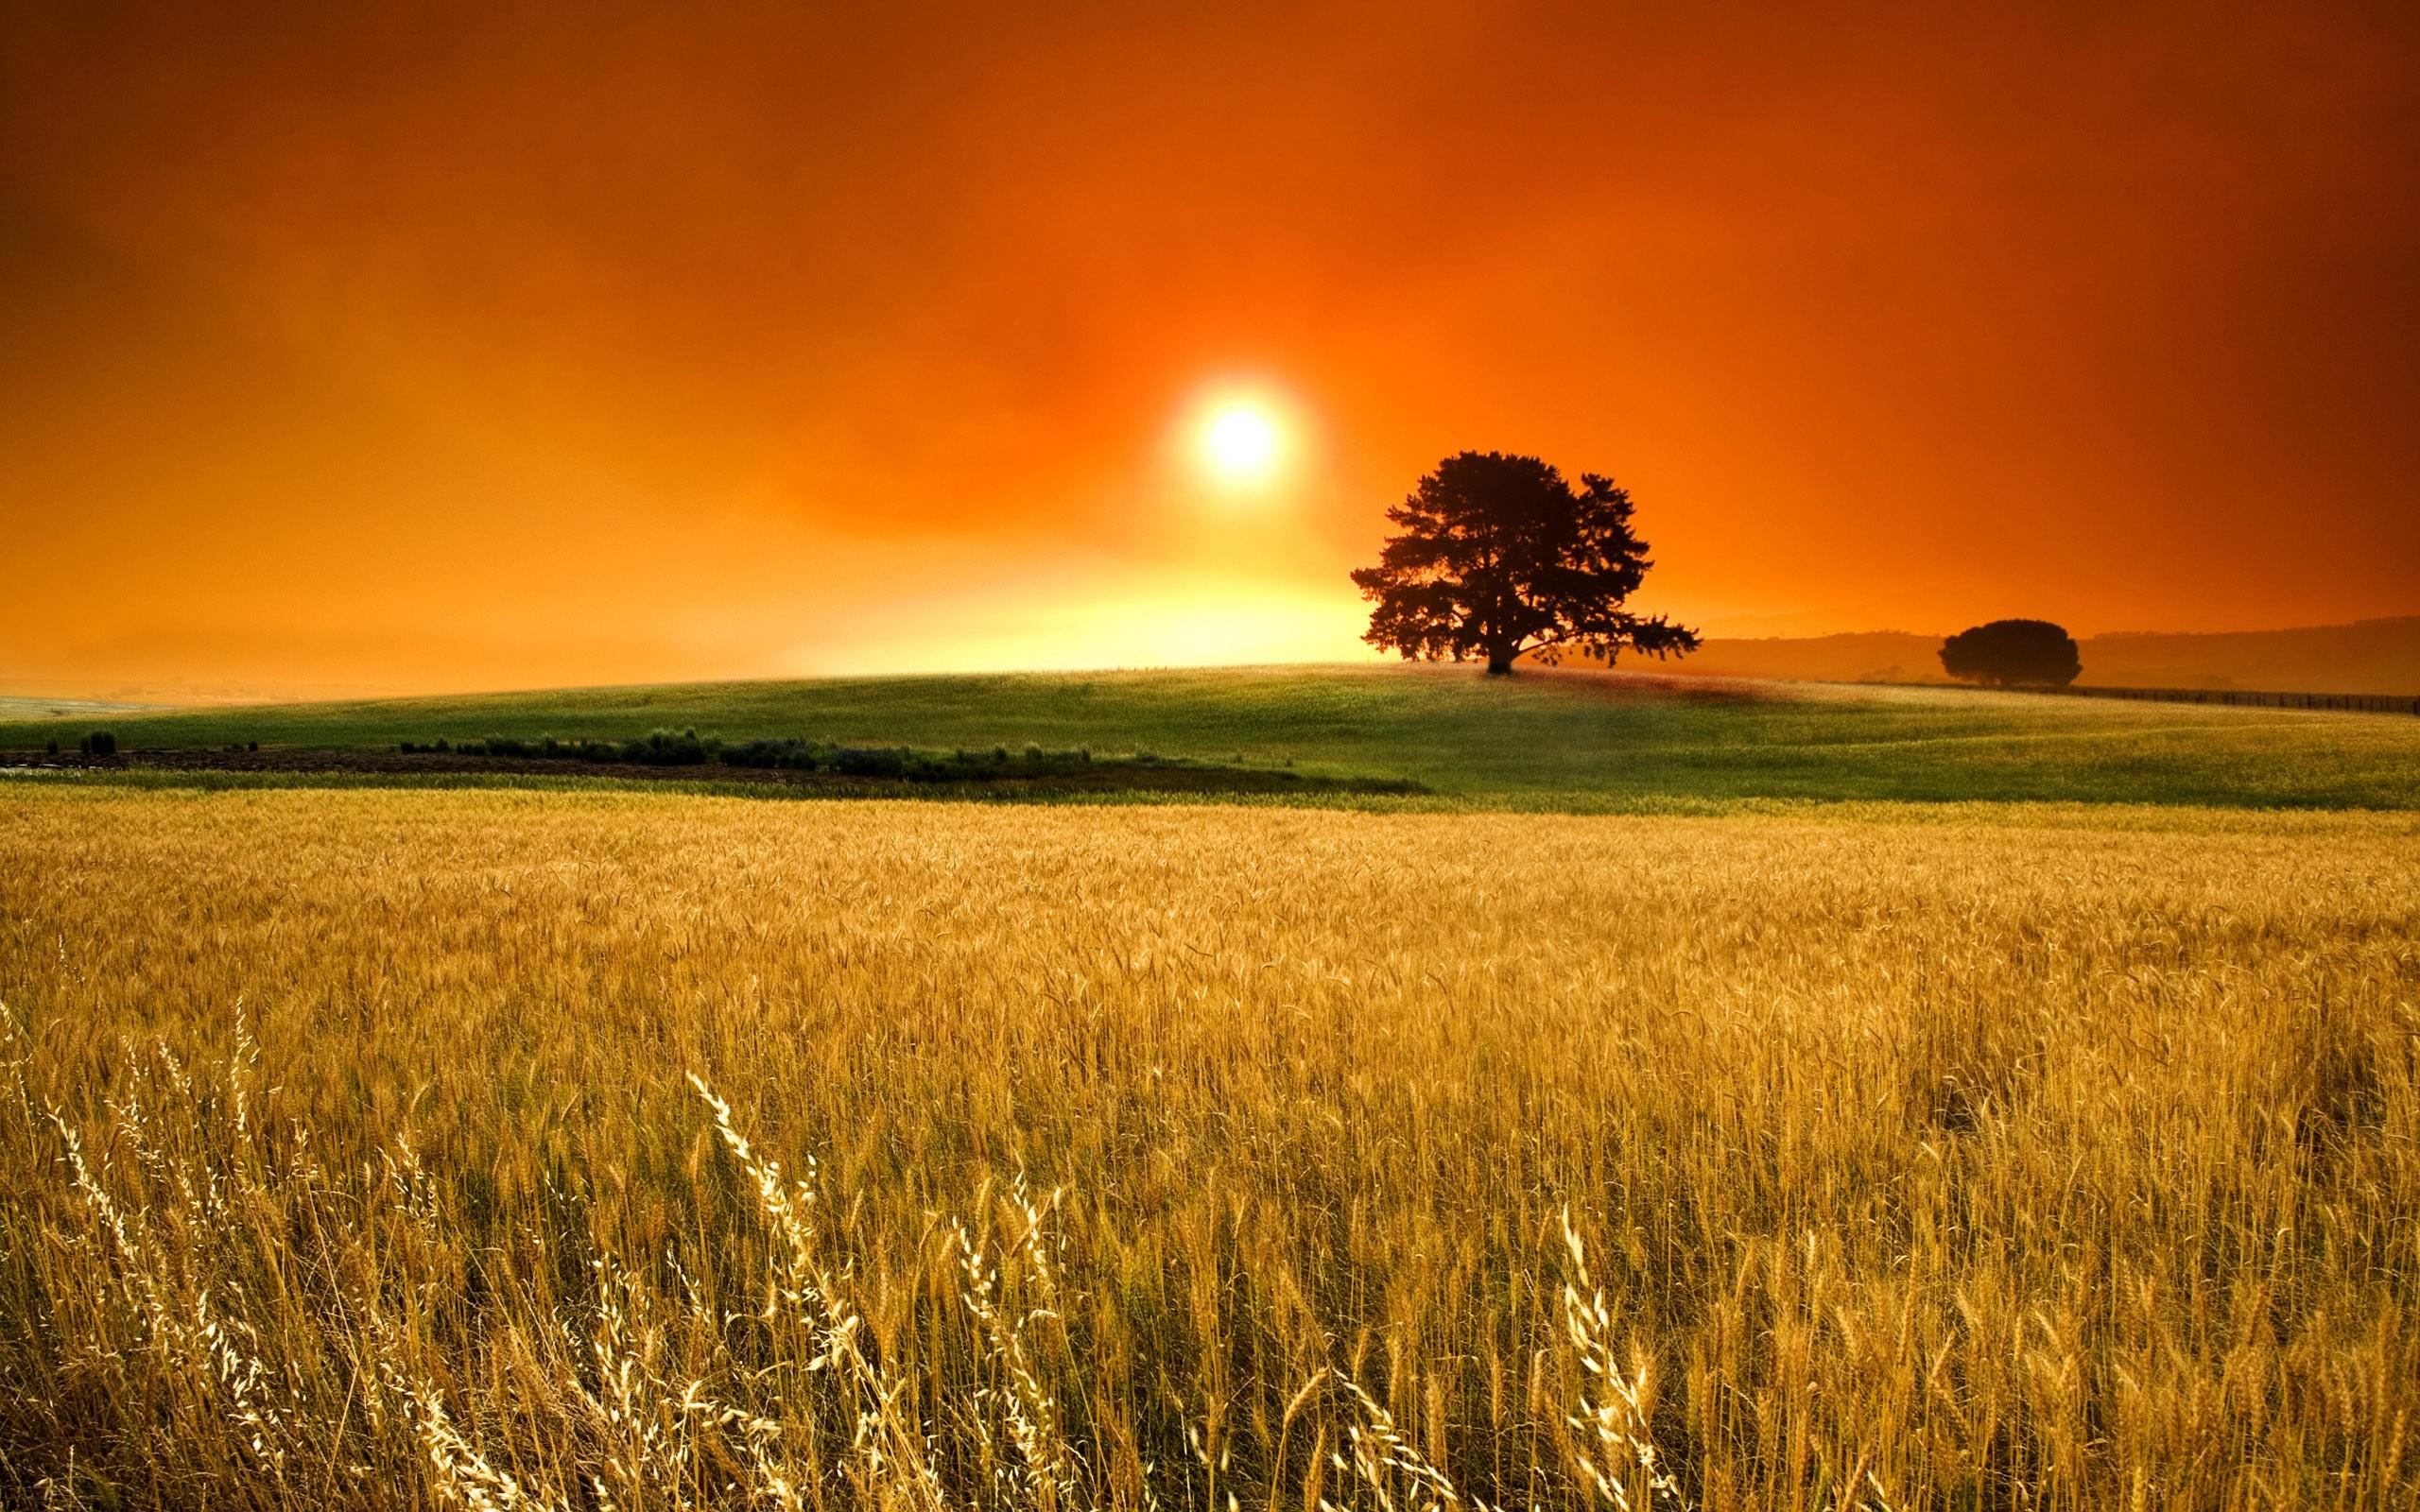 Atardecer en campos de trigo - 2560x1600